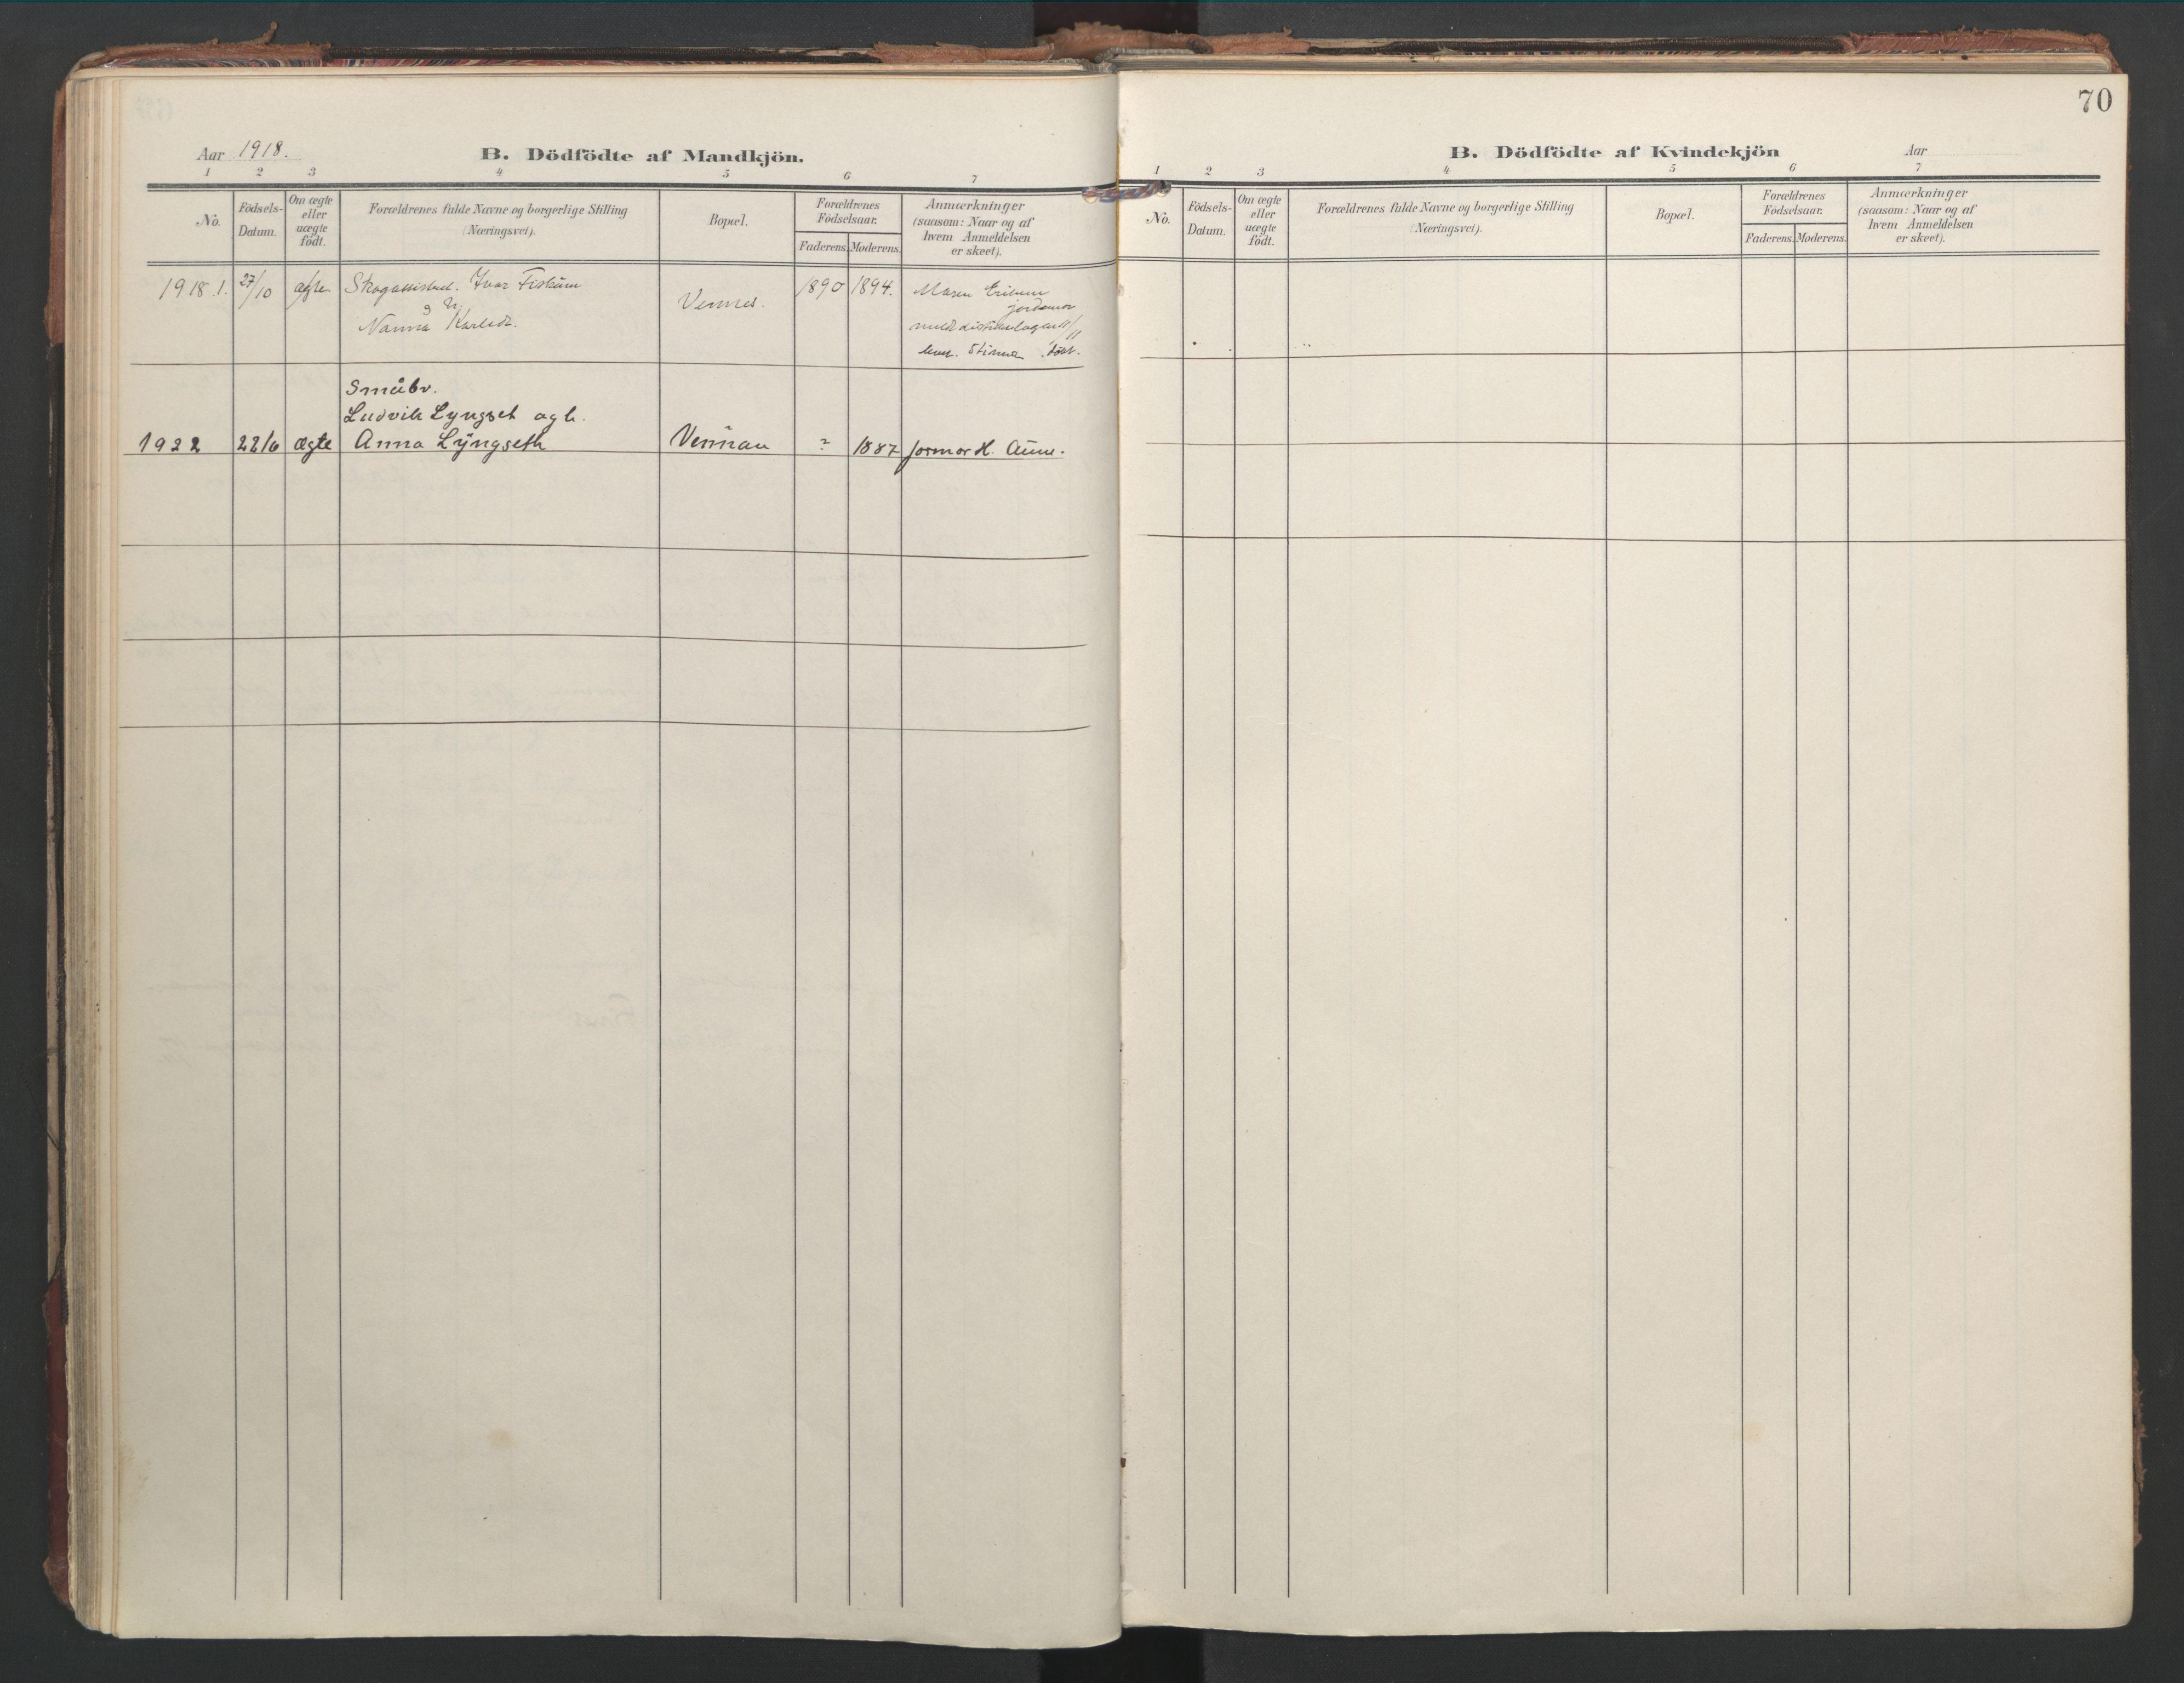 SAT, Ministerialprotokoller, klokkerbøker og fødselsregistre - Nord-Trøndelag, 744/L0421: Ministerialbok nr. 744A05, 1905-1930, s. 70